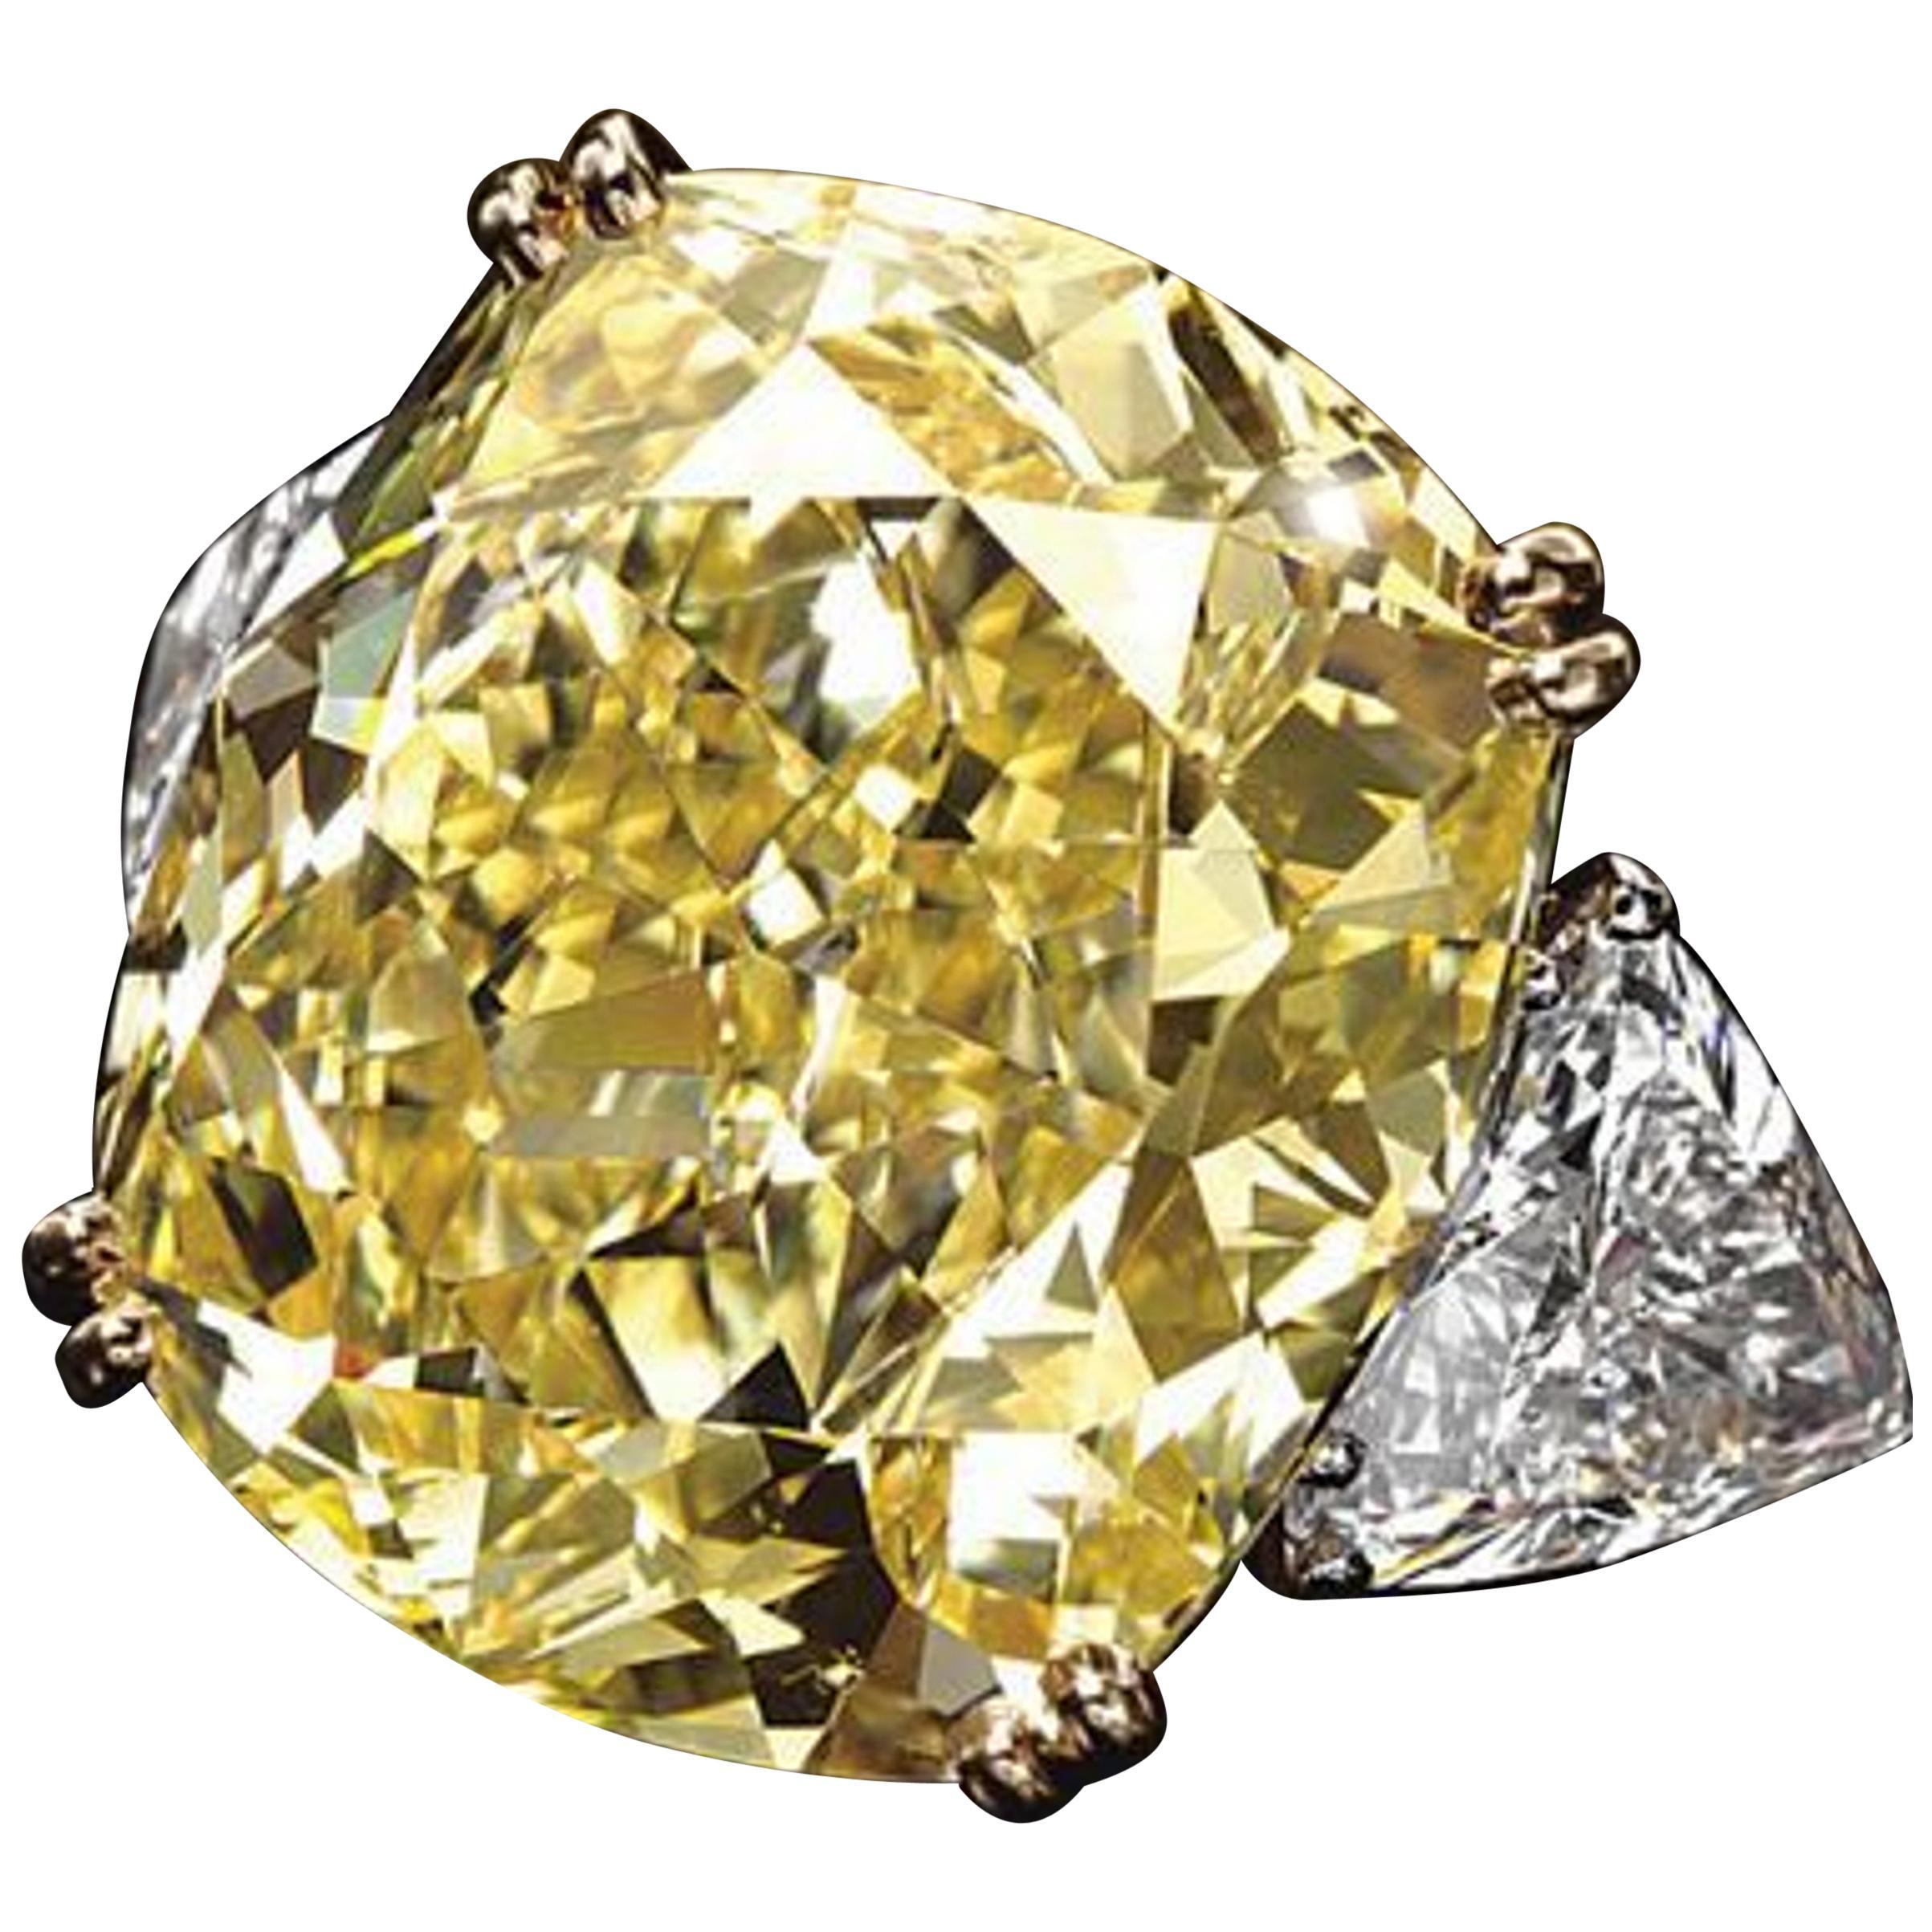 GIA Certified 3 Carat Fancy Light Yellow Cushion Cut Diamond Ring